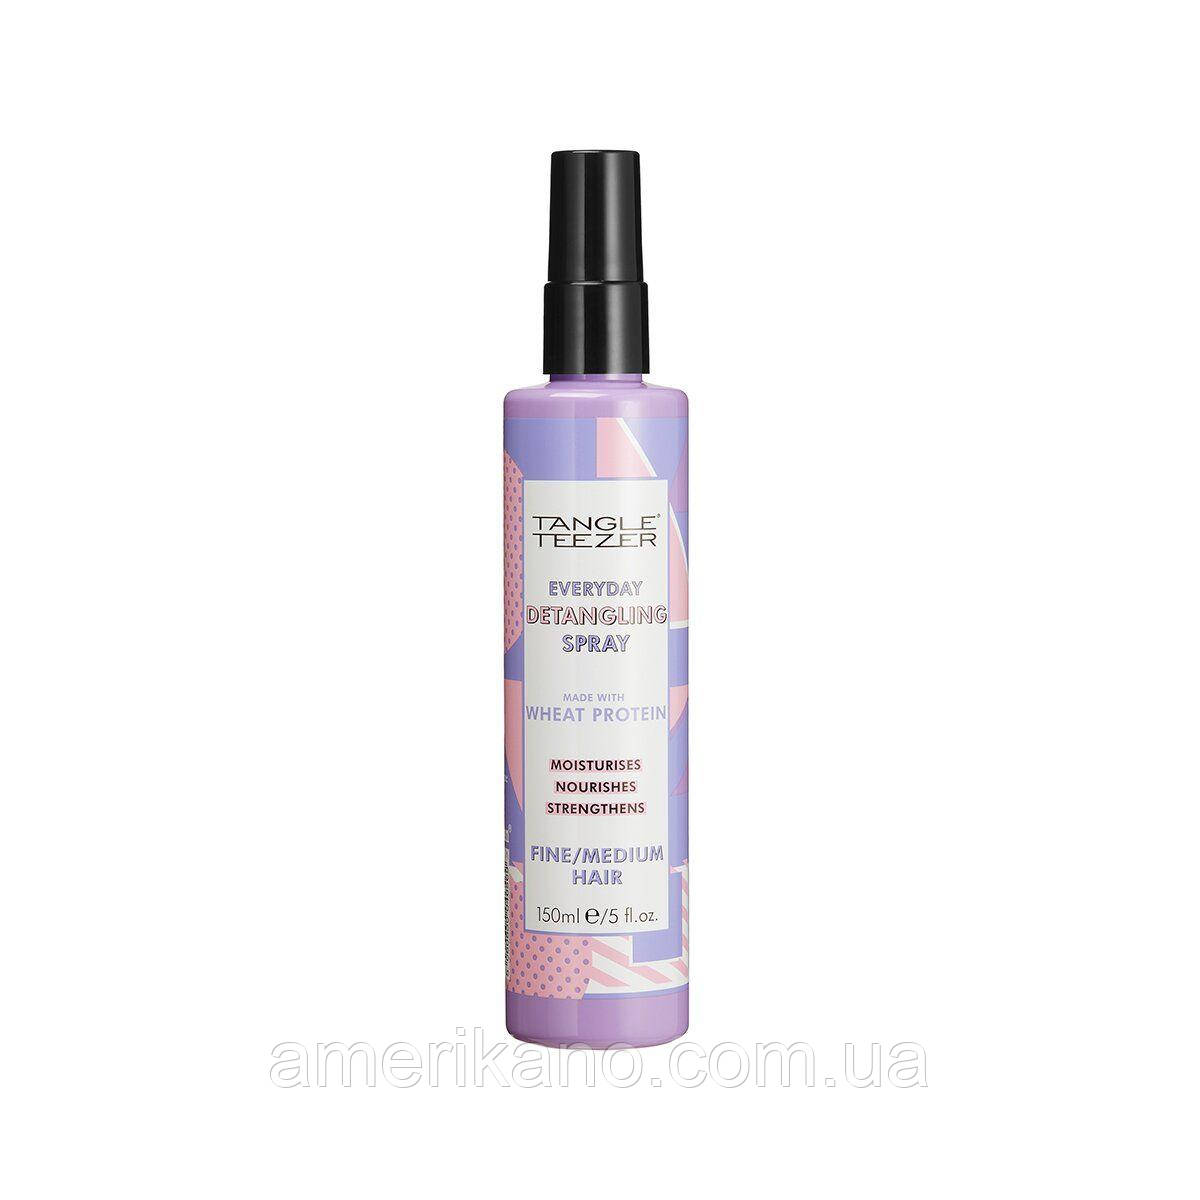 Спрей для легкого расчесывания волос Tangle Teezer Everyday Detangling Spray